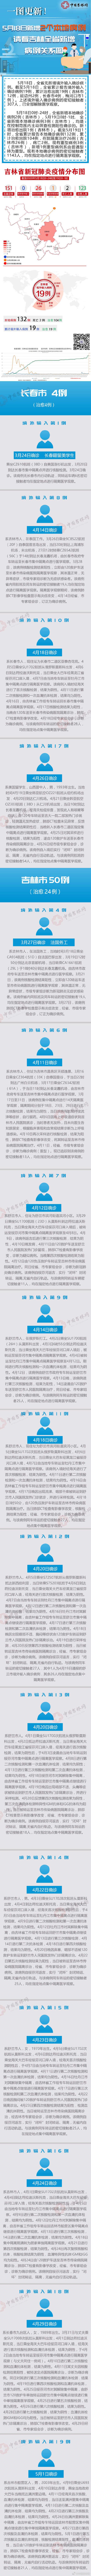 【摩鑫平台】本地病例摩鑫平台请看吉林全省新增病例关图片